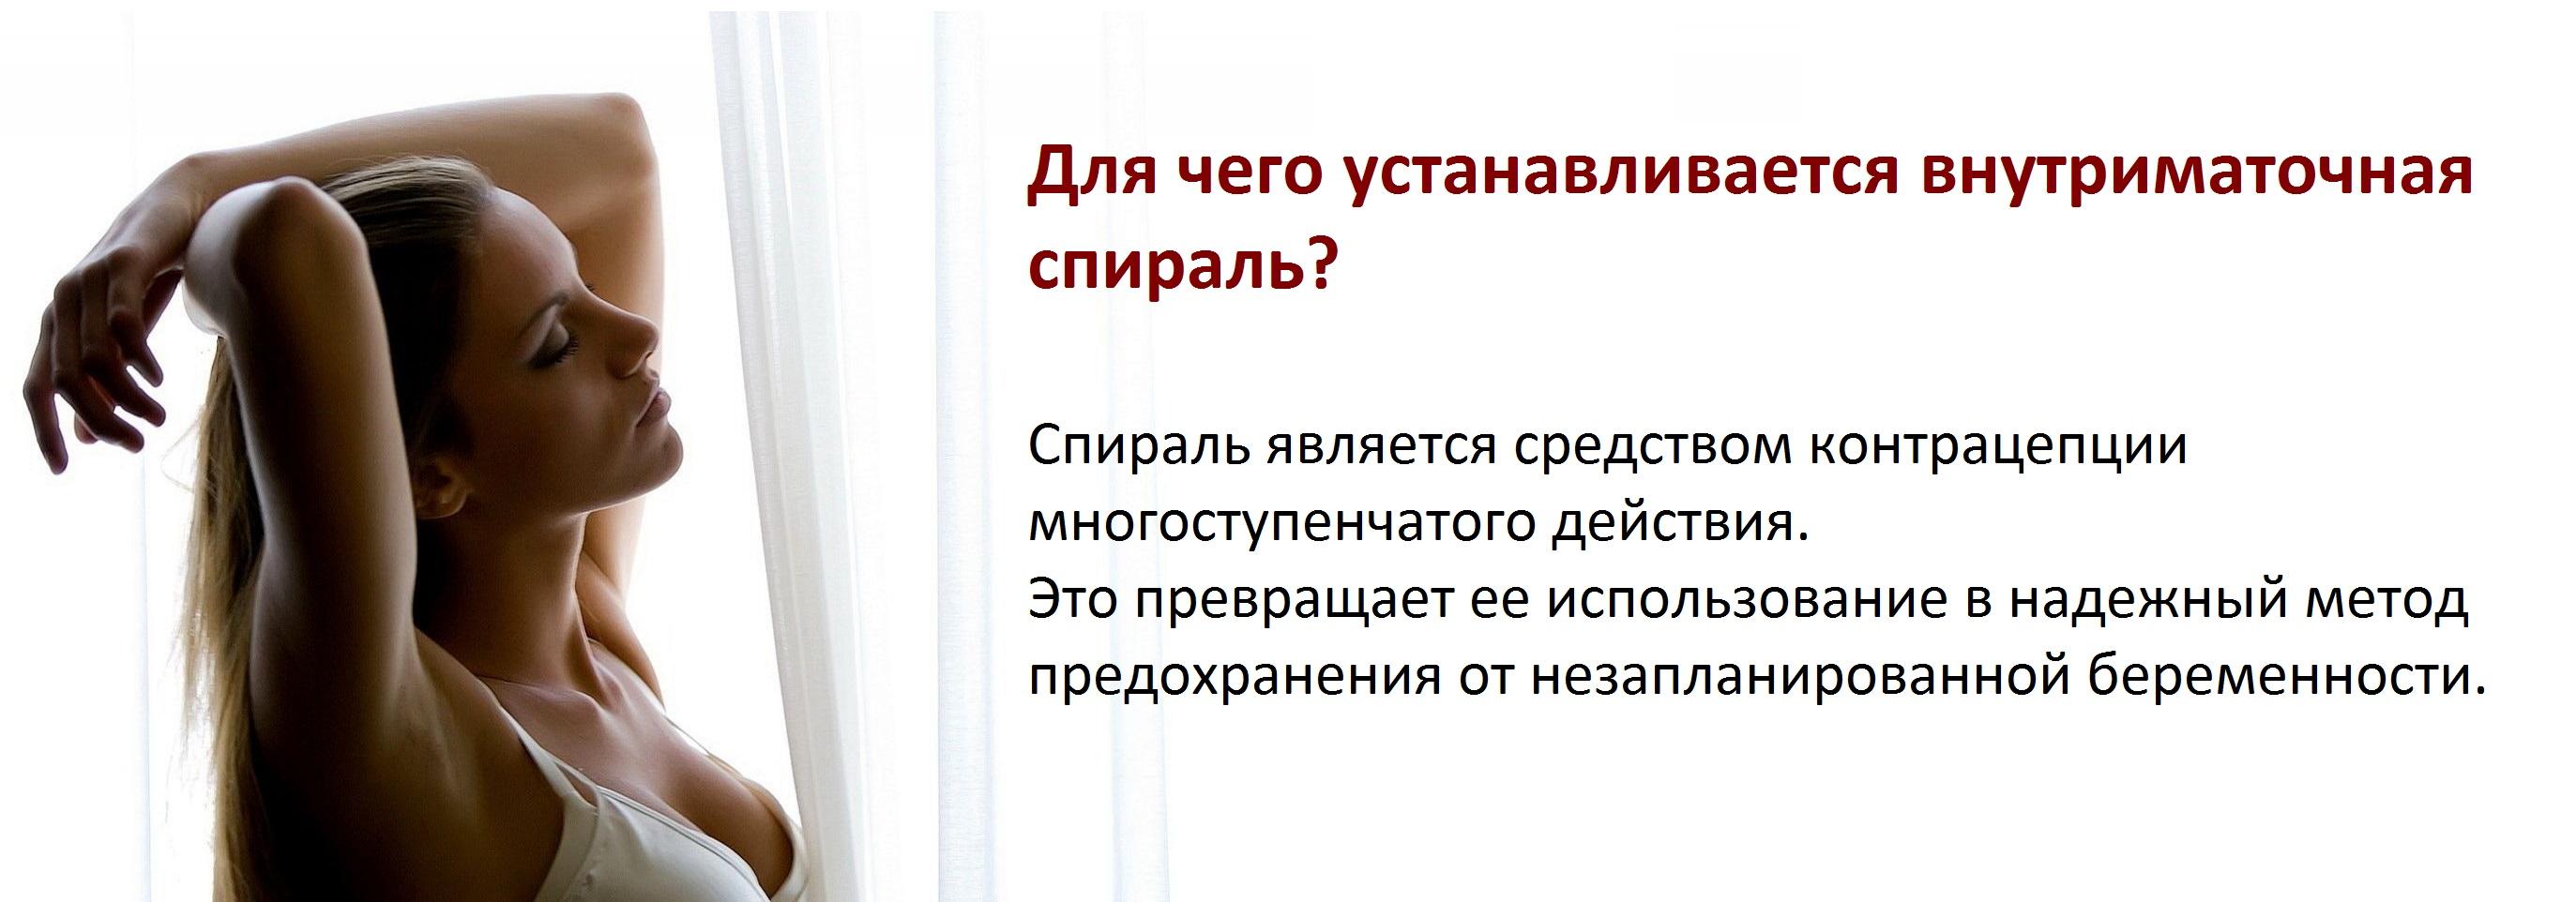 Внутриматочная спираль установить в Москве